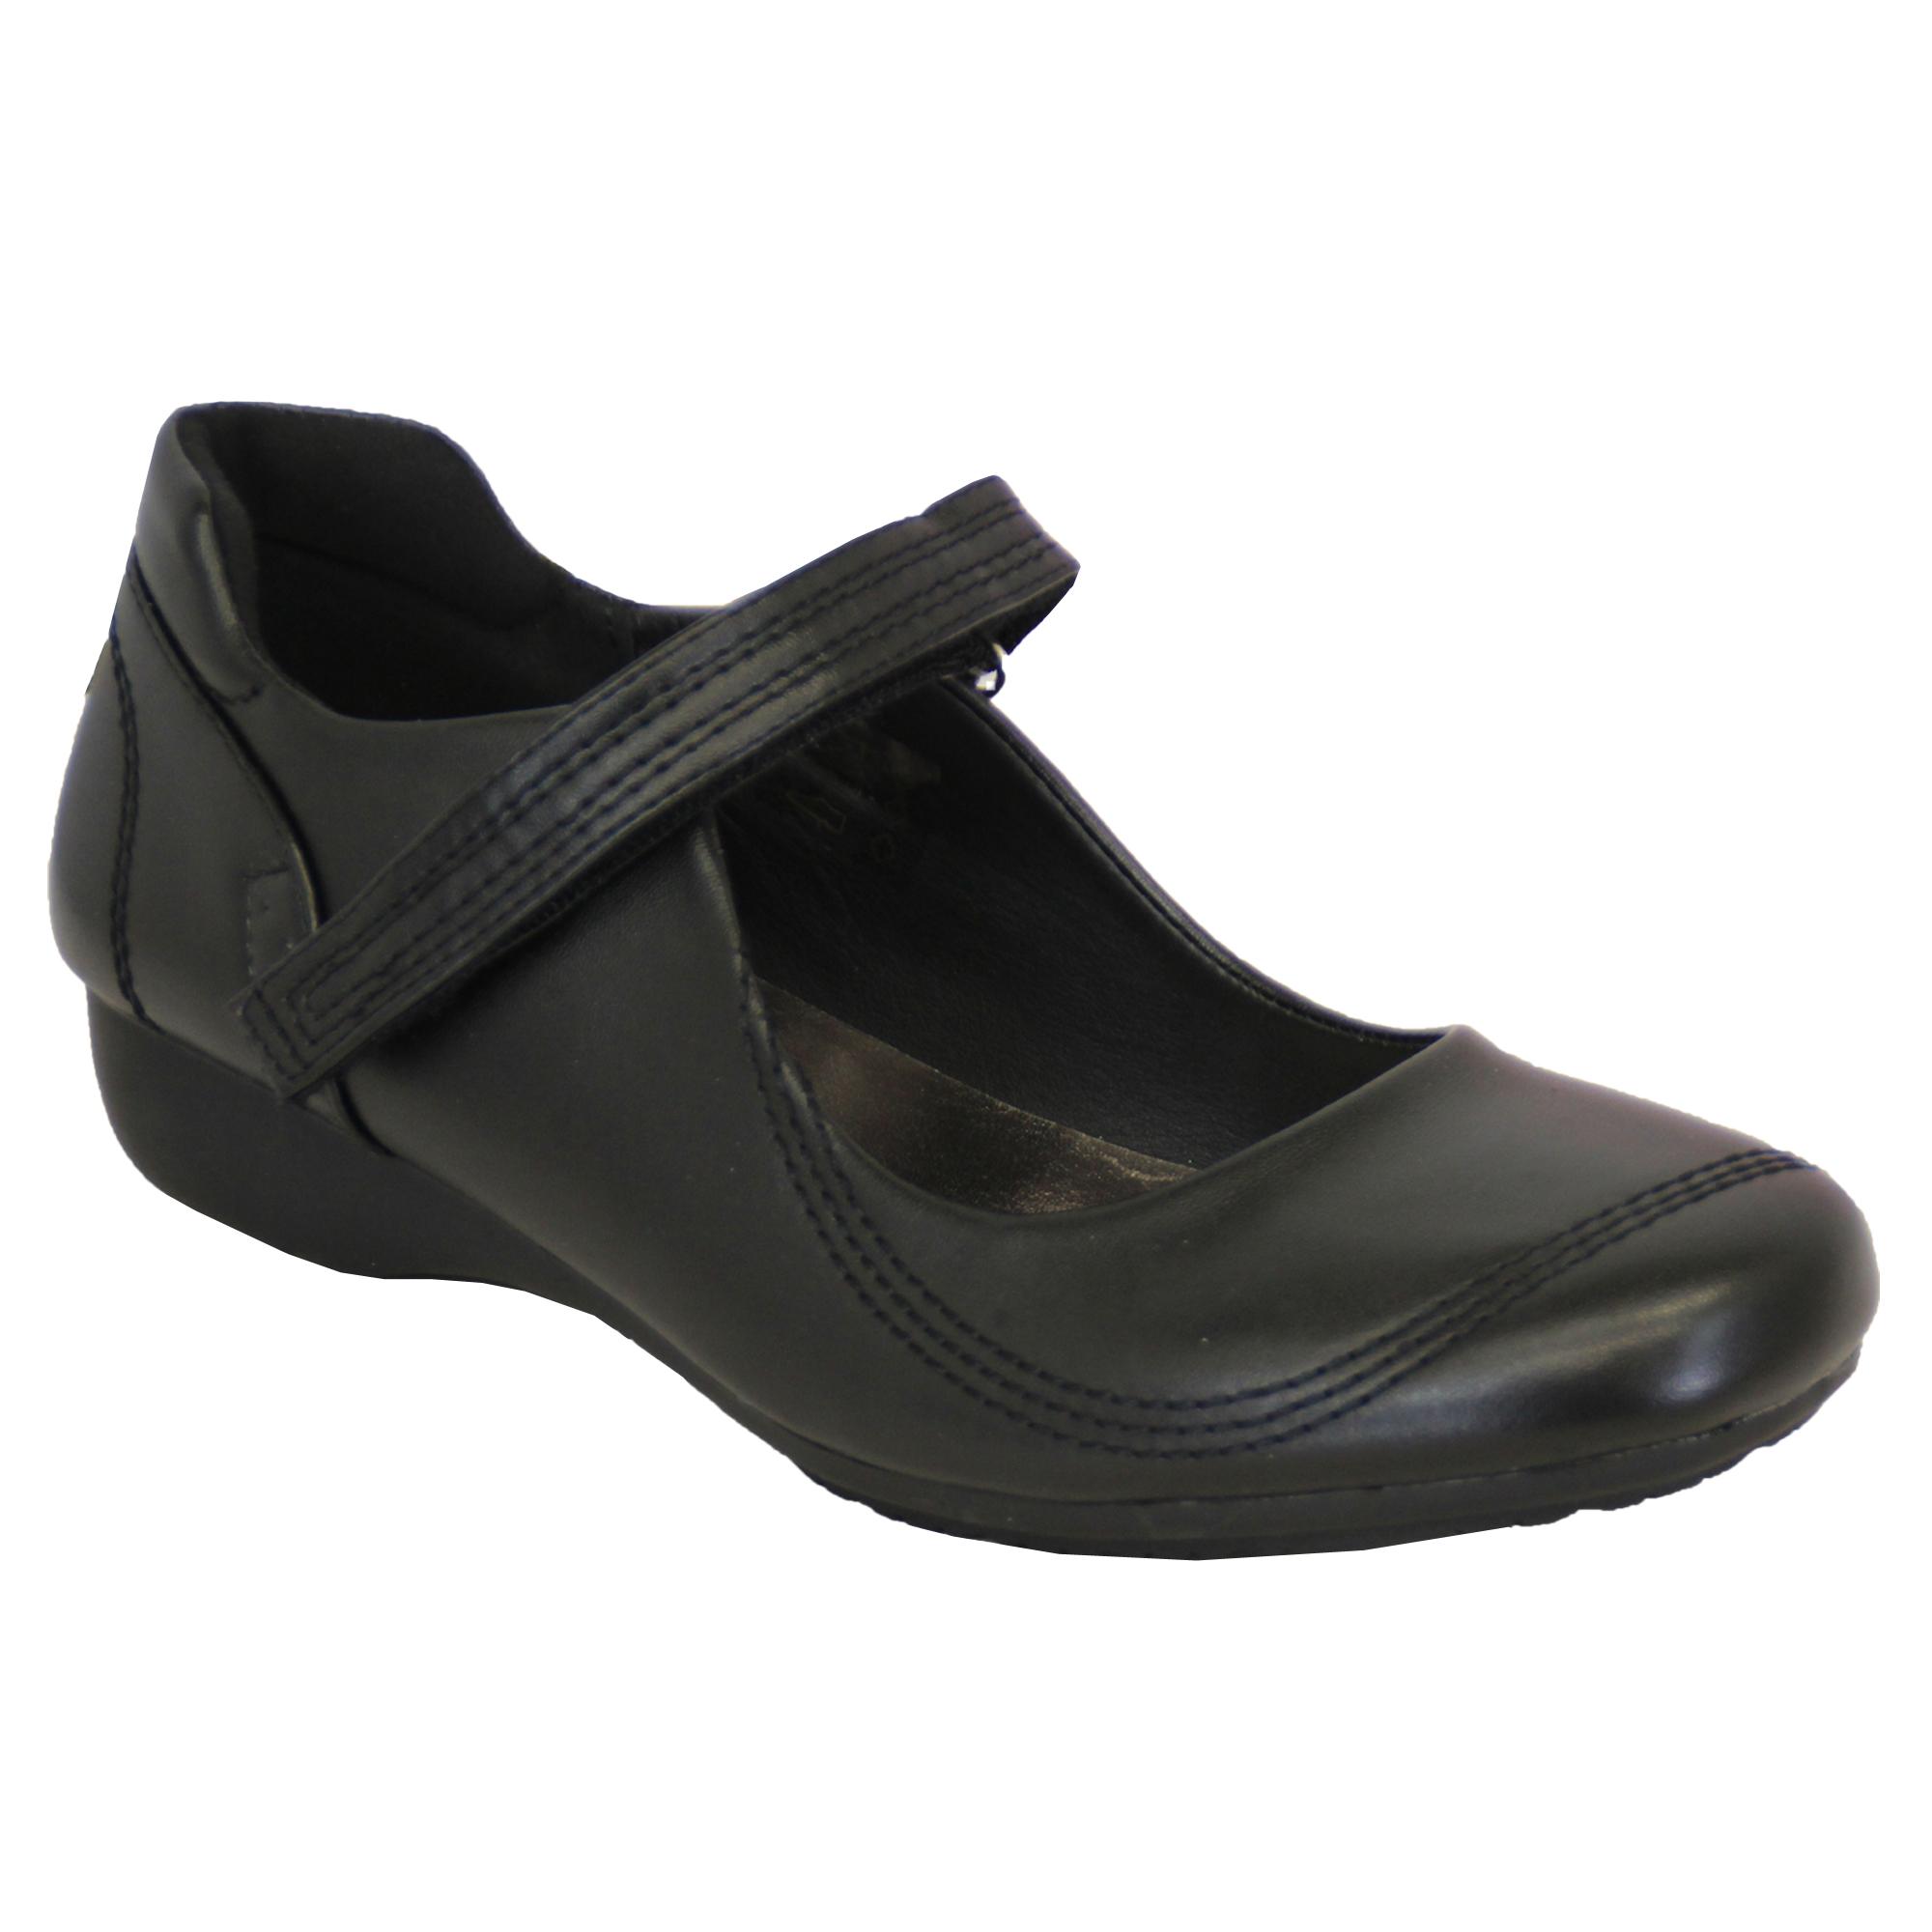 Zapatos de mujer Mujer Piel Sintética Plataforma Escuela Moderno Correa Elegante